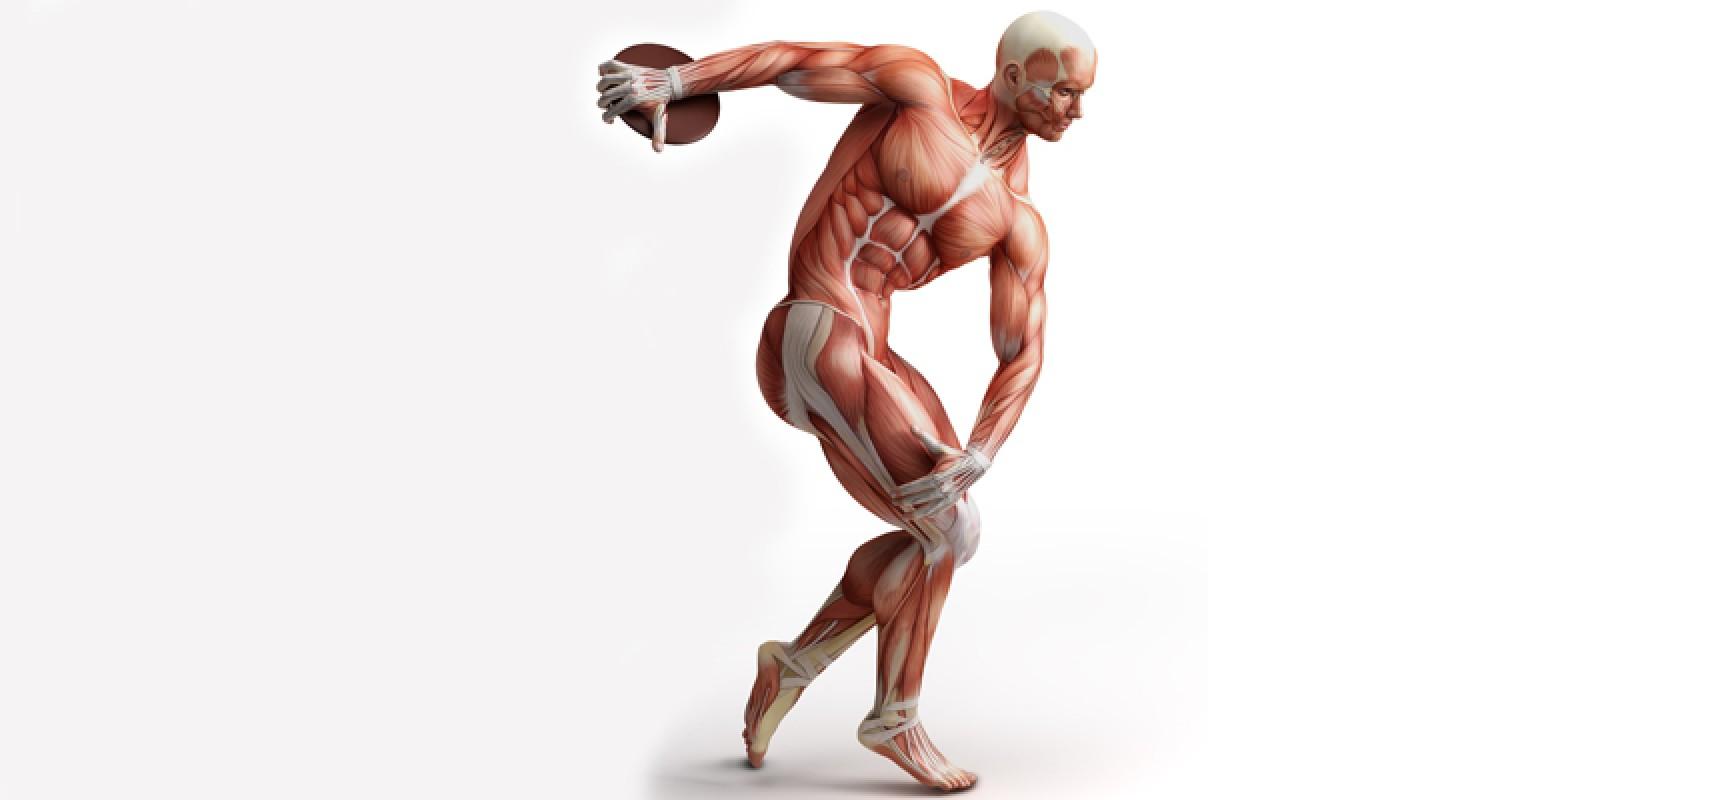 Физическая активность — путь к здоровью